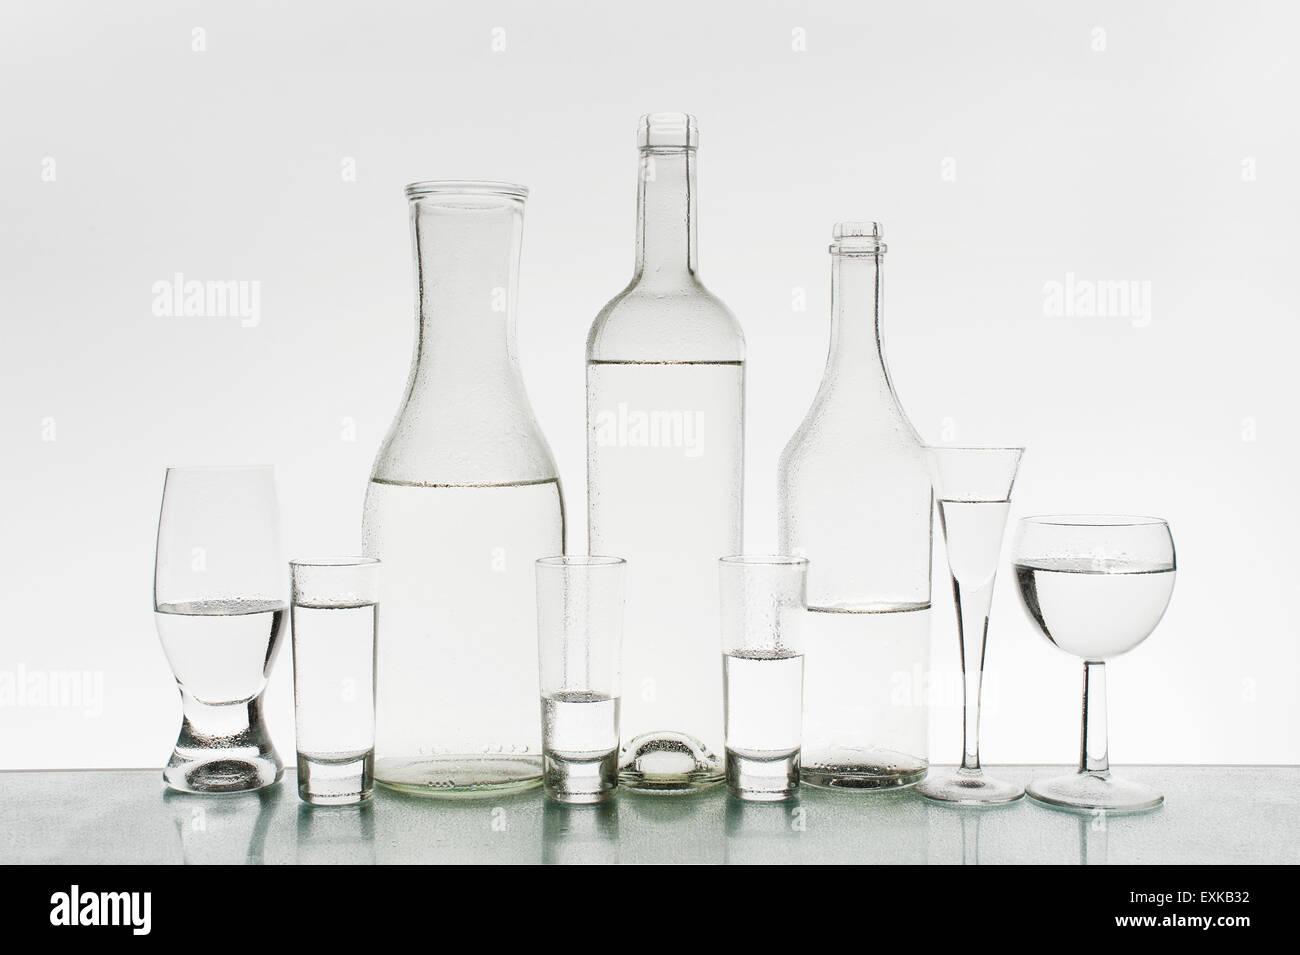 Glaswaren mit sauberem Wasser auf dem hellen Hintergrund Stockbild